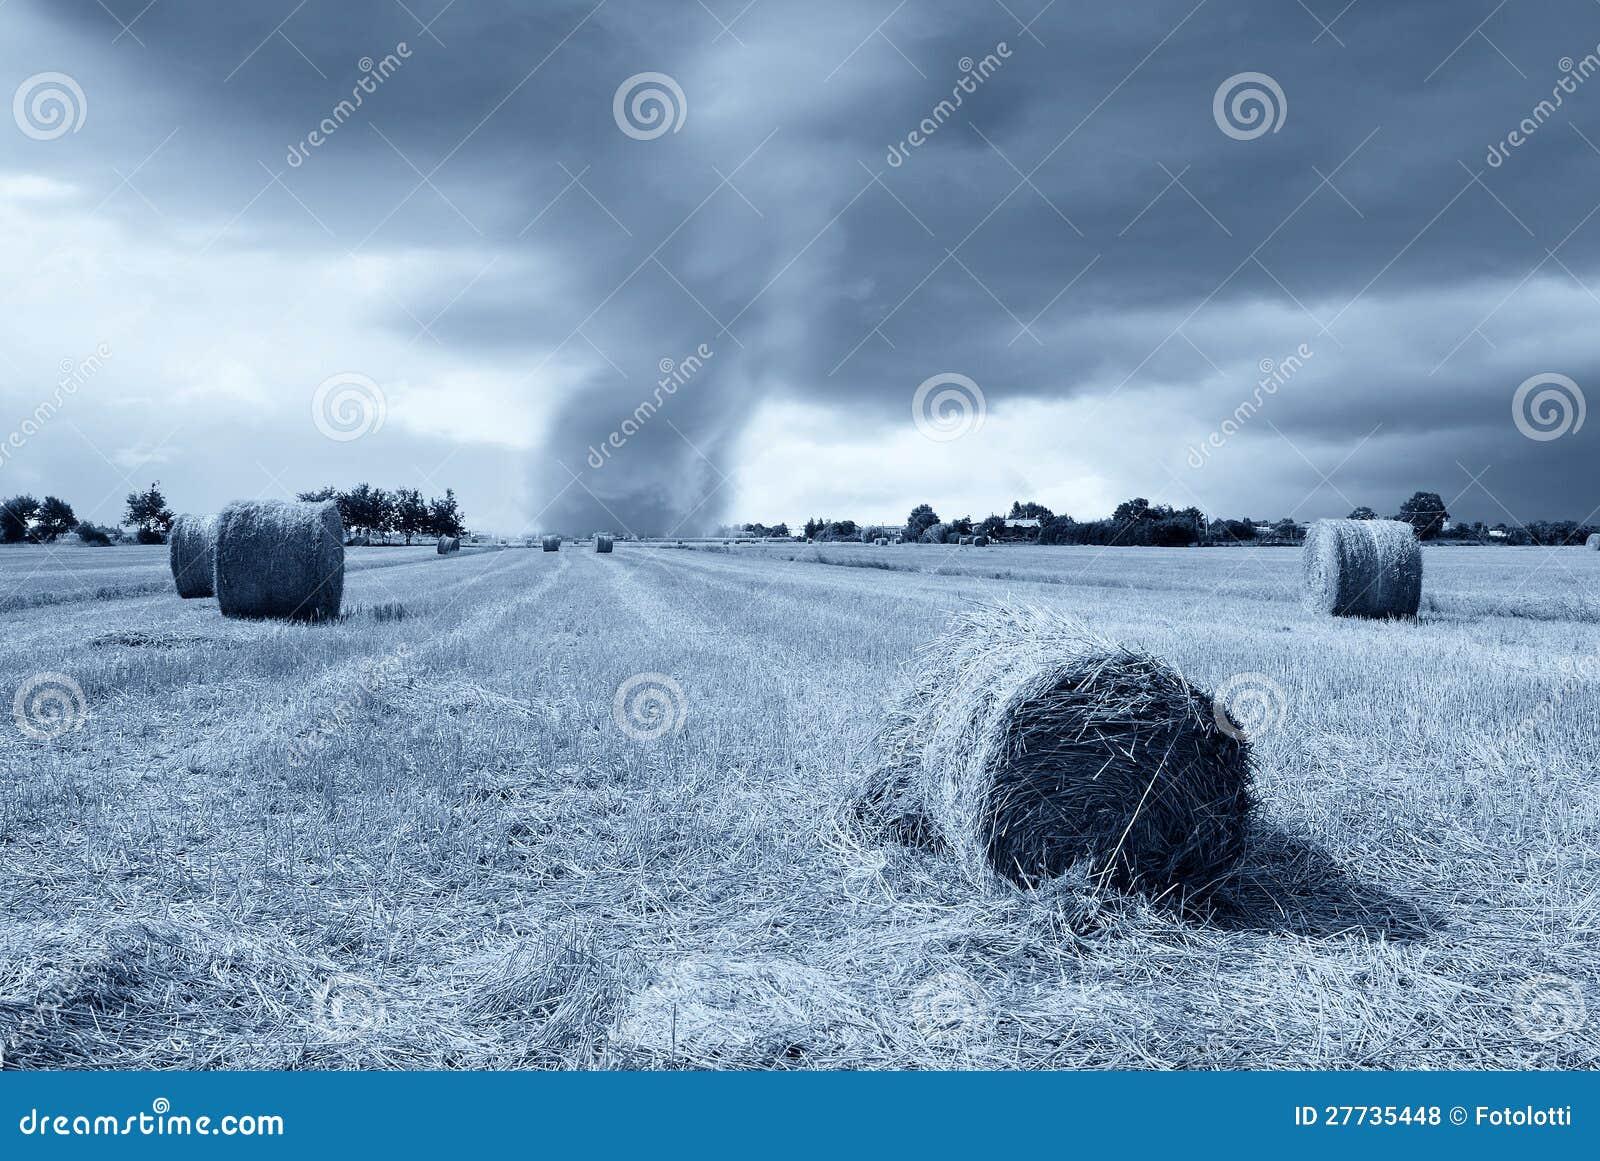 Tornado am Horizont